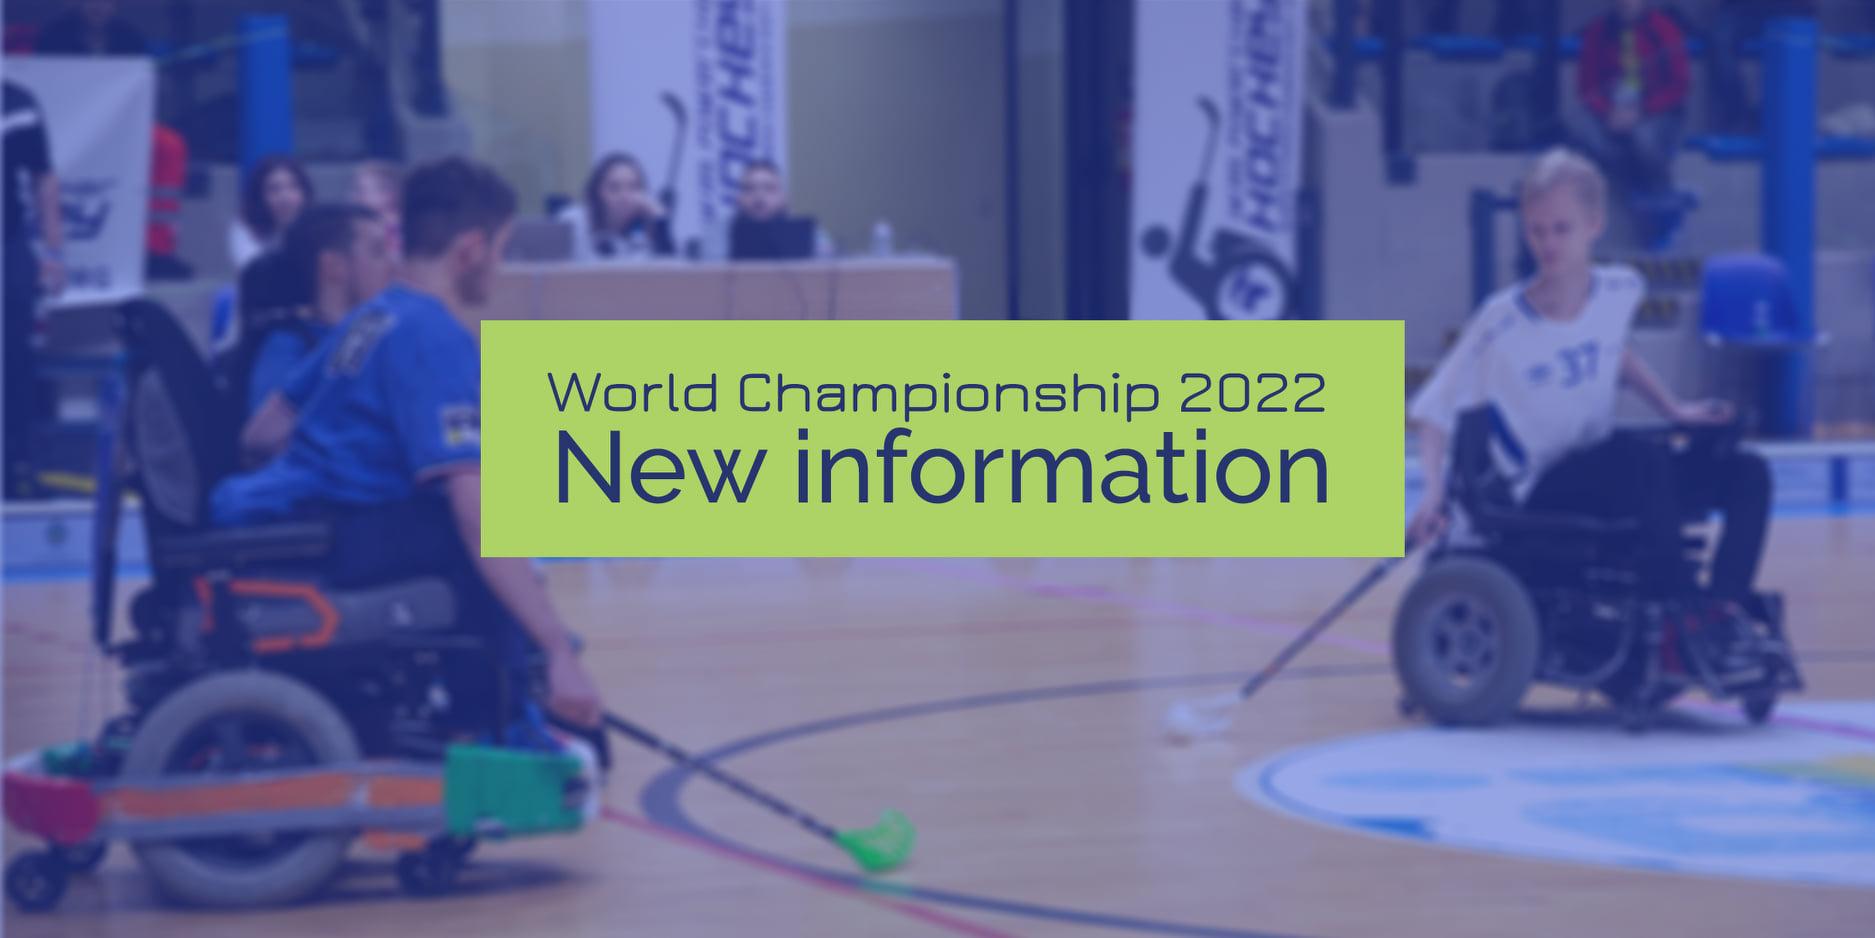 Kdo se účastní MS 2022 ve Švýcarsku?